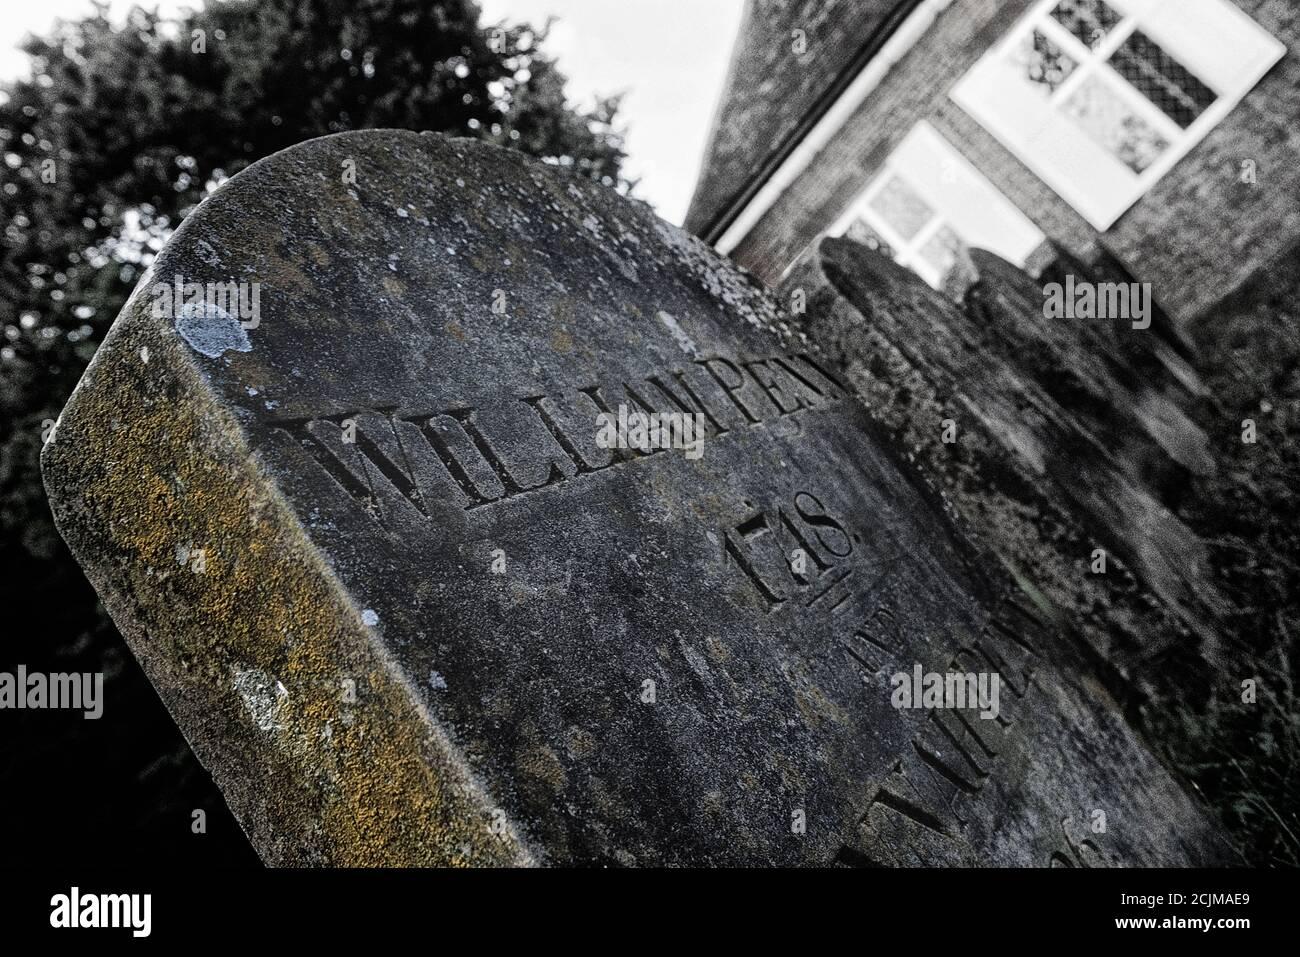 William Penn Grabstein. Grab von William Penn, d. 1718 und seine Frau Hannah, d. 1726. Jordans Meeting House. Am besten bekannt für die Gründung der Pennsylvania Colonys. Seine Überreste liegen in einem bescheidenen Grab in der englischen Landschaft auf dem Old Jordans Cemetery in der Nähe der Quaker-Stadt Jordans in Buckinghamshire, England, Großbritannien. Stockfoto